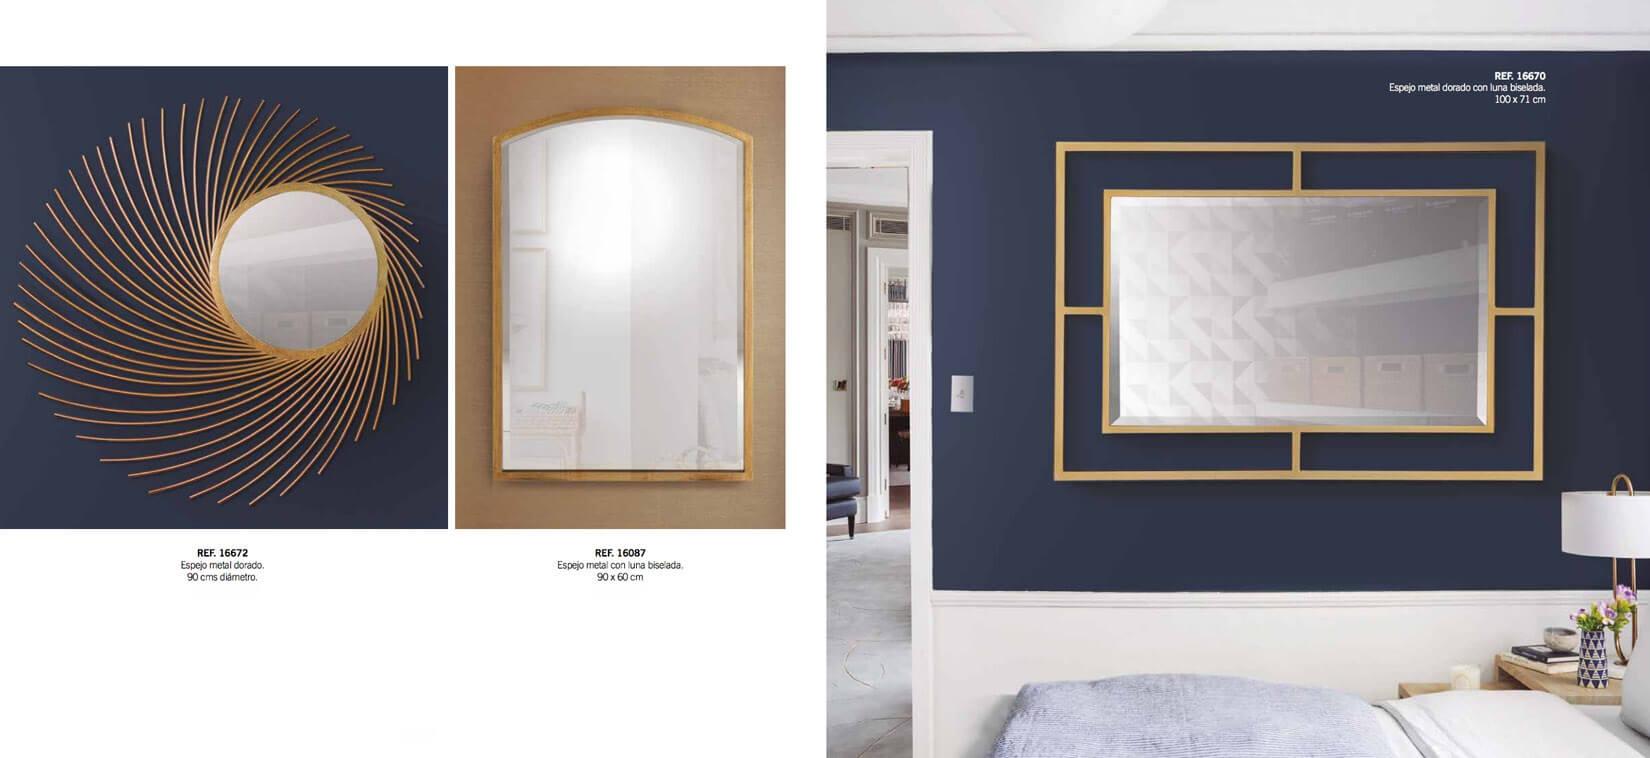 Interiorismo Espejos GYC - Ref. 0005